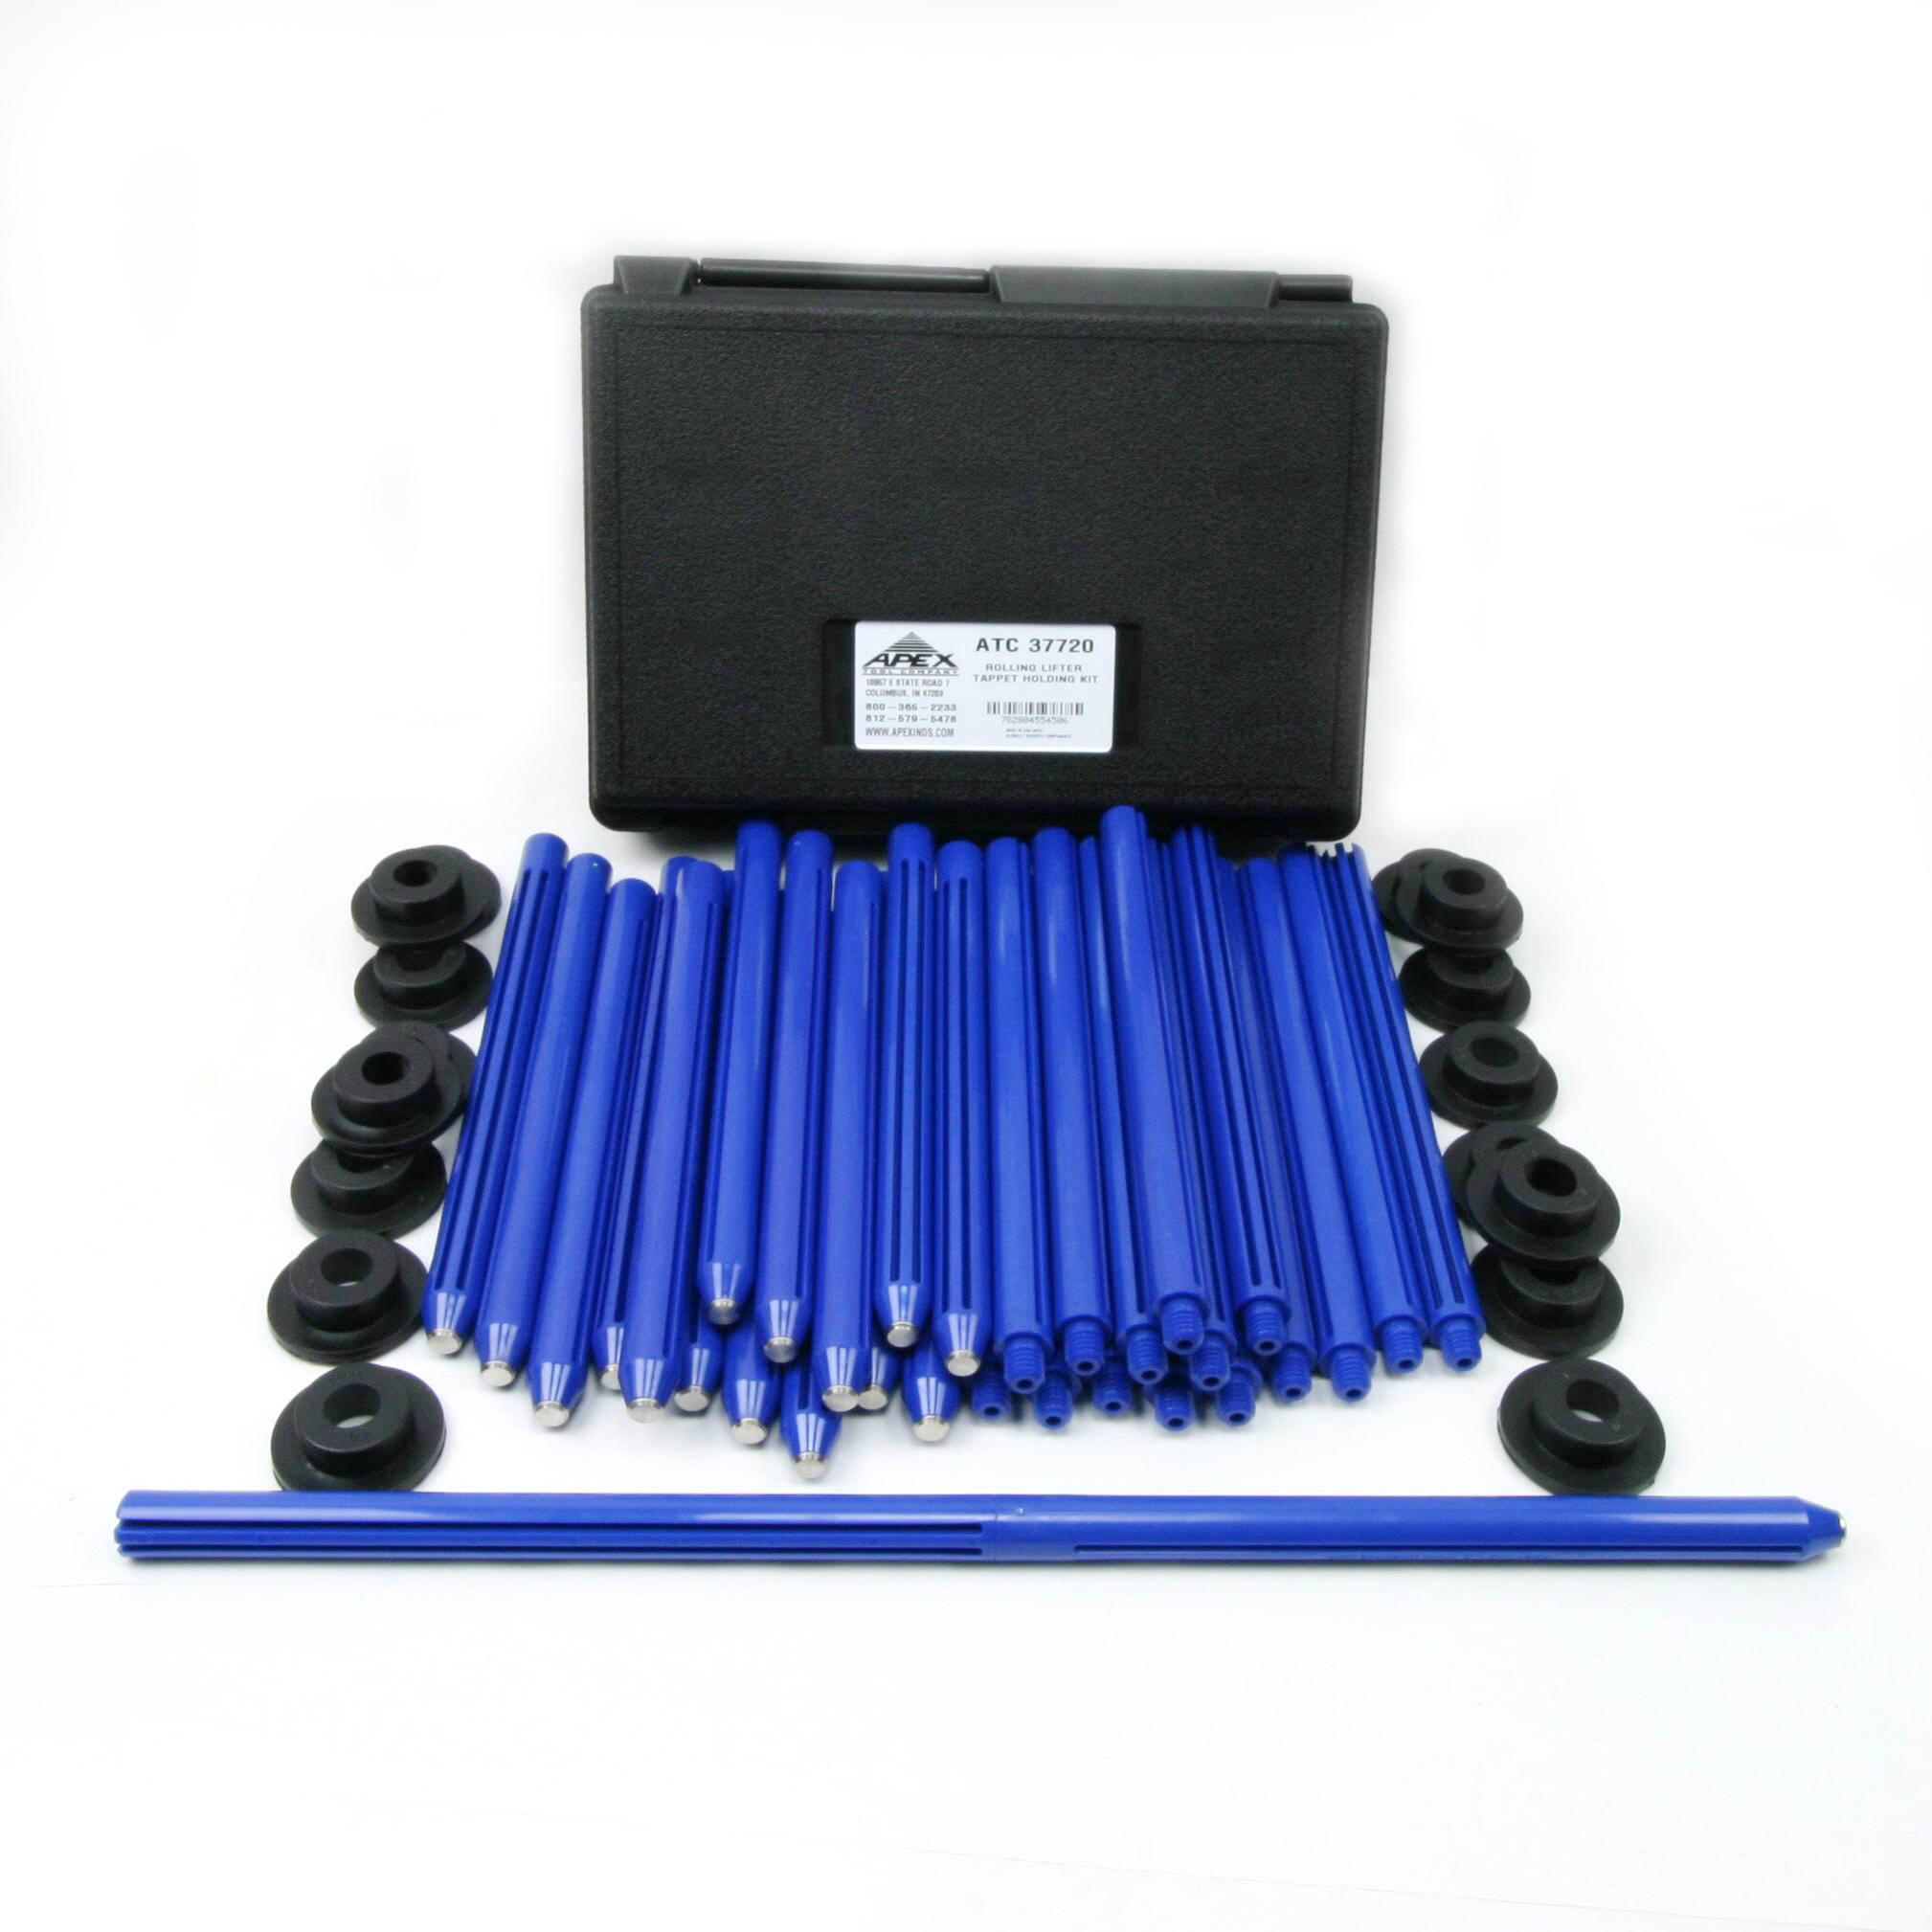 ATC37720 For Mack E6 E7 E9 Roller Lifter Tappet Holding Kit *J-37720C